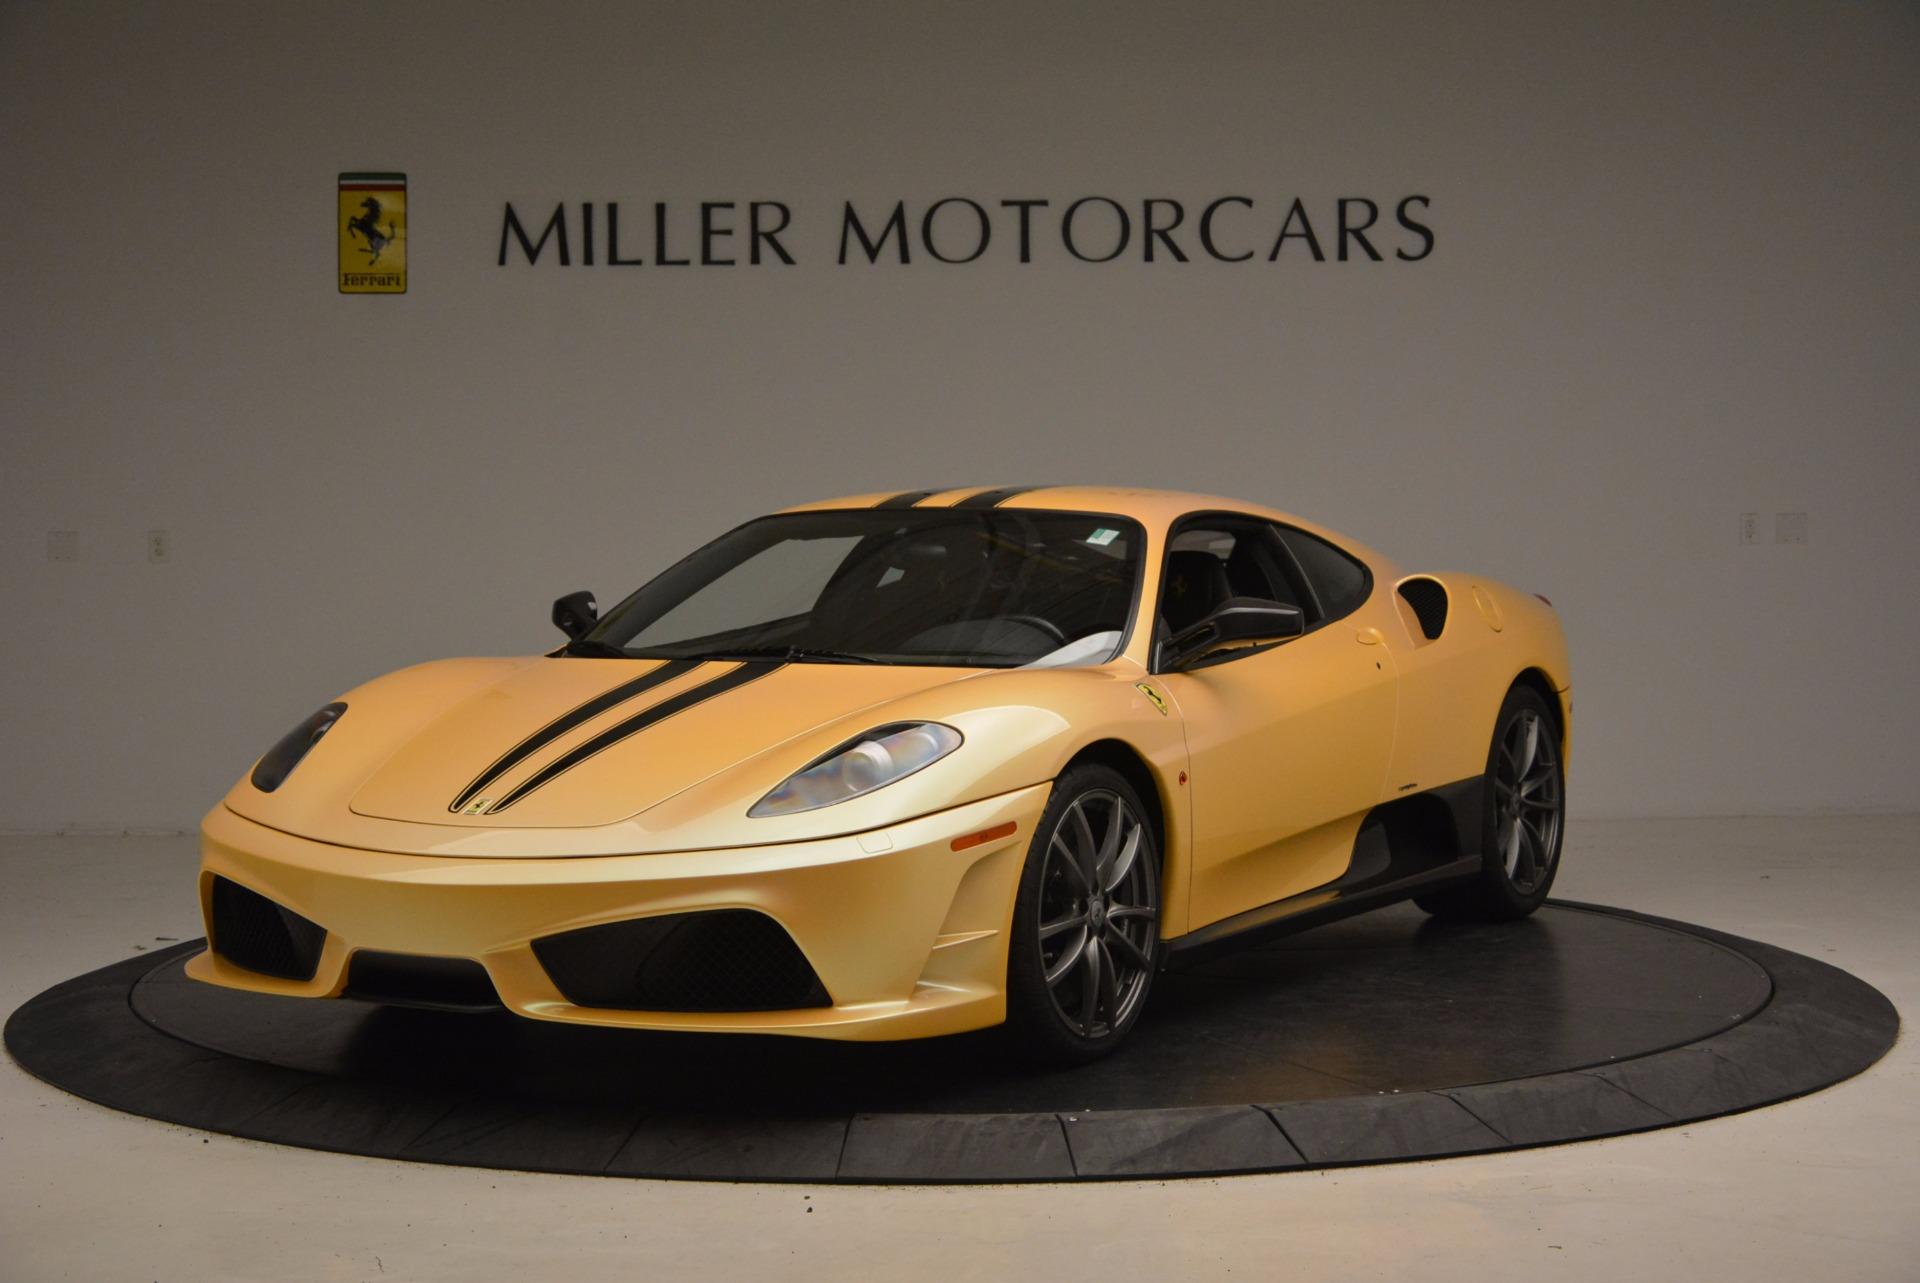 Used 2008 Ferrari F430 Scuderia for sale Sold at Alfa Romeo of Greenwich in Greenwich CT 06830 1